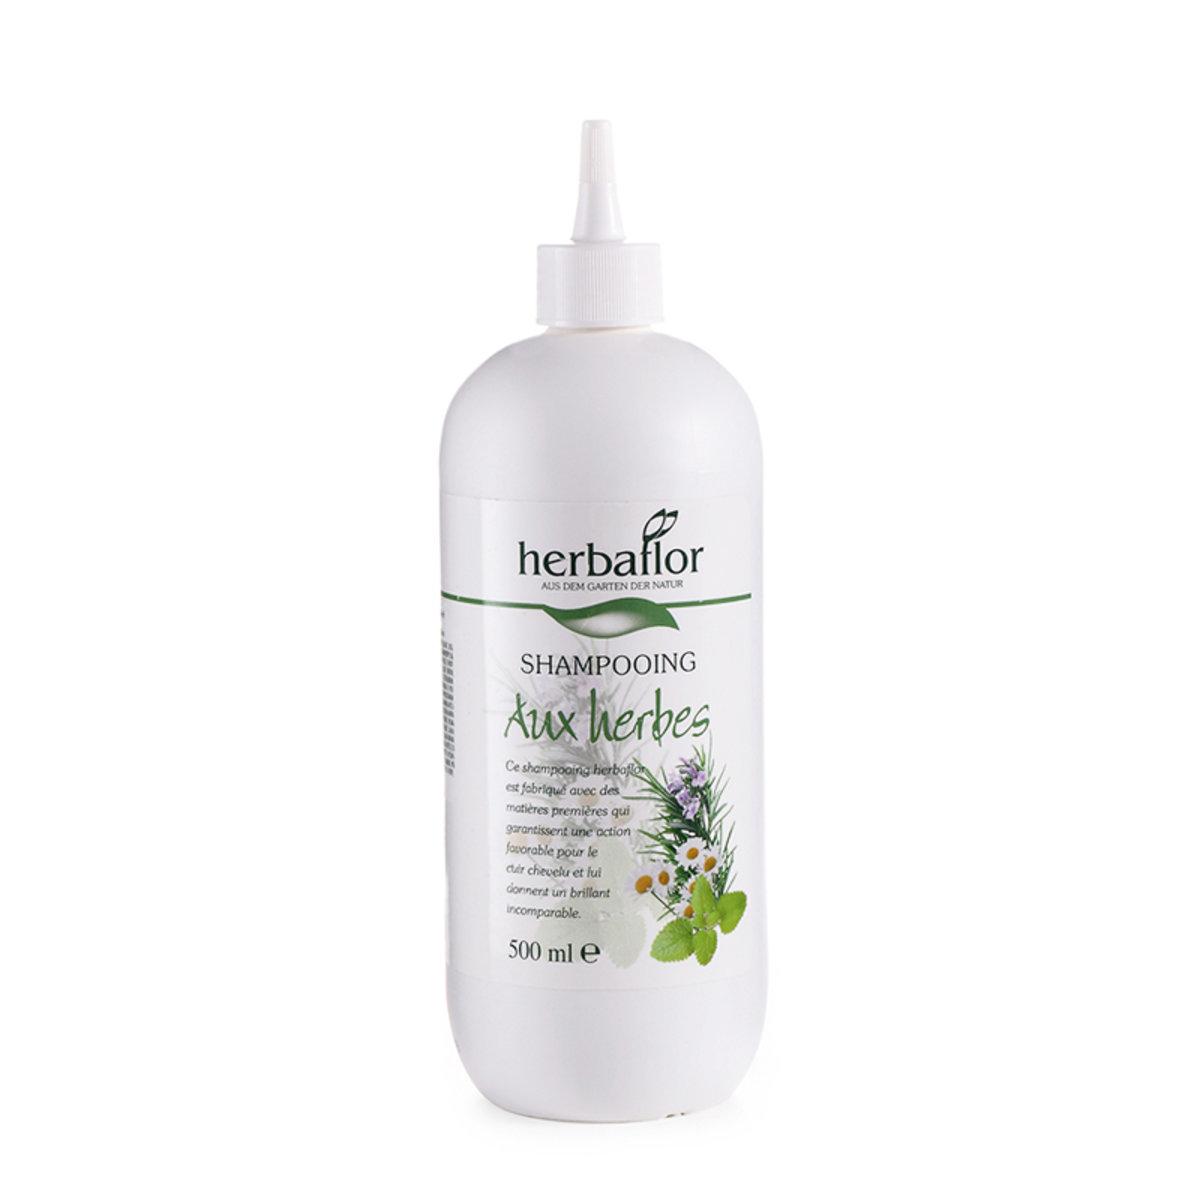 Herbaflor Herbal Shampoo